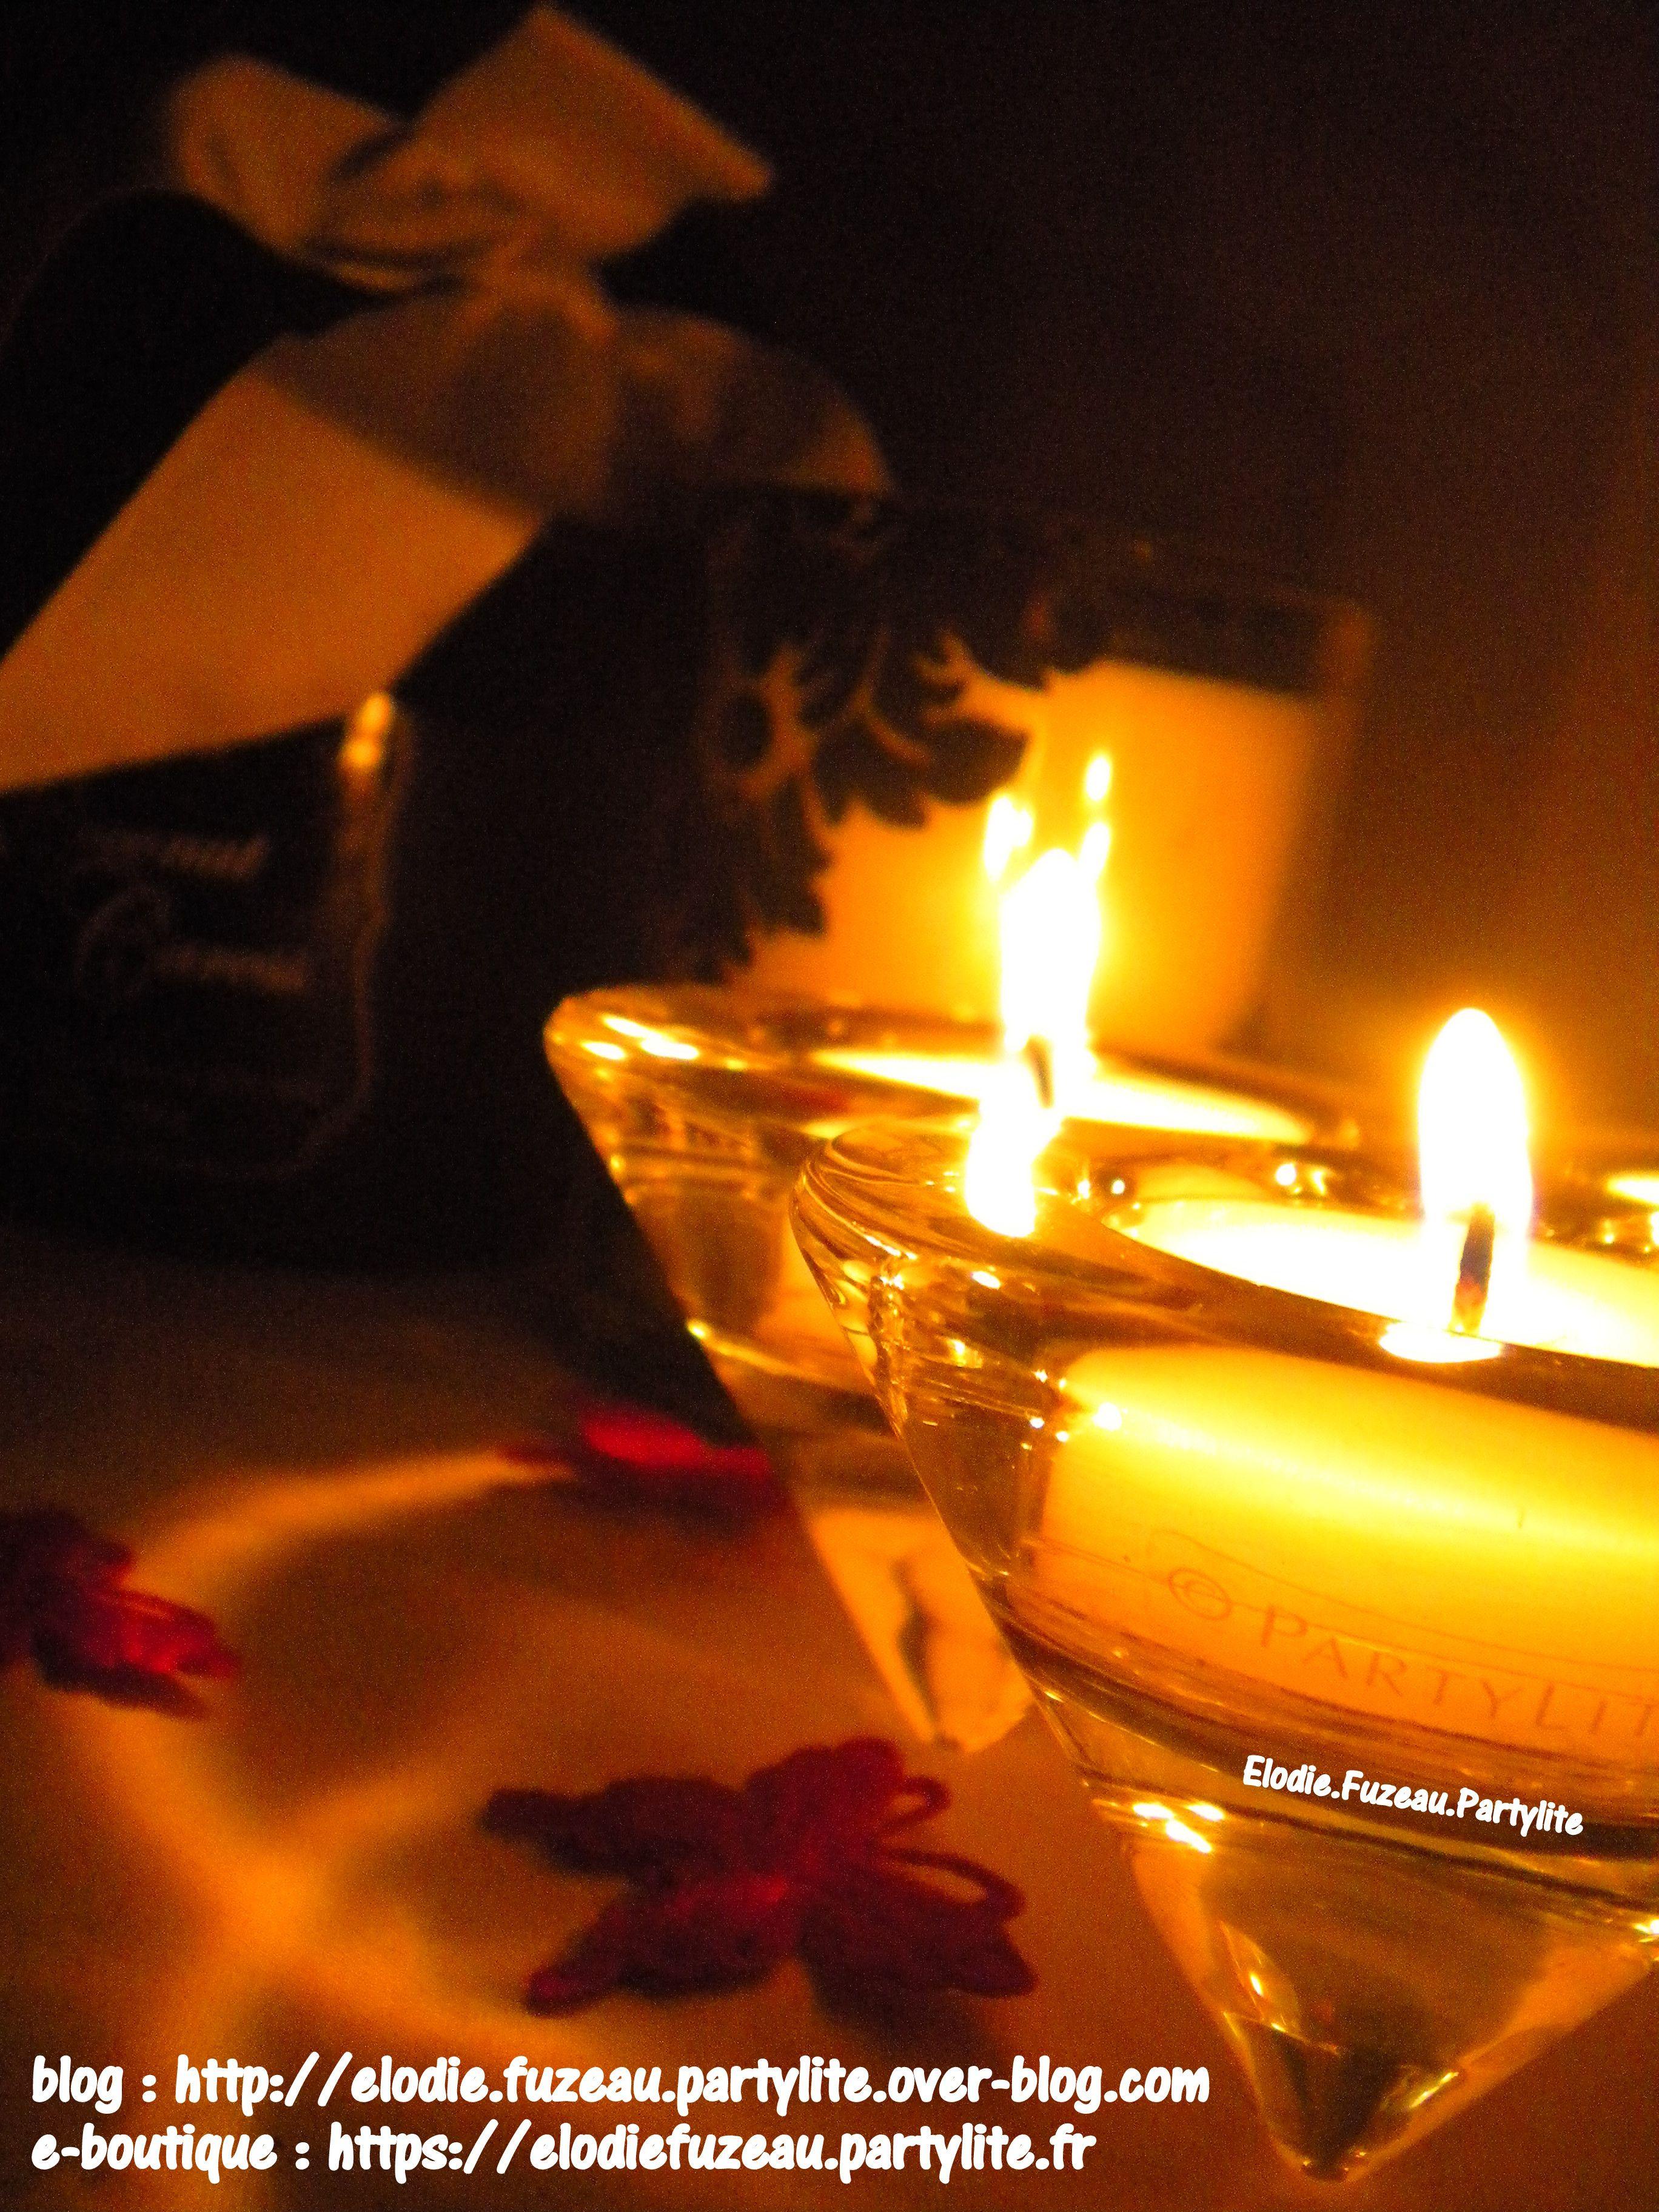 pingl par elodie hugron partylite fuzeau sur bougies d co produits partylite pinterest. Black Bedroom Furniture Sets. Home Design Ideas